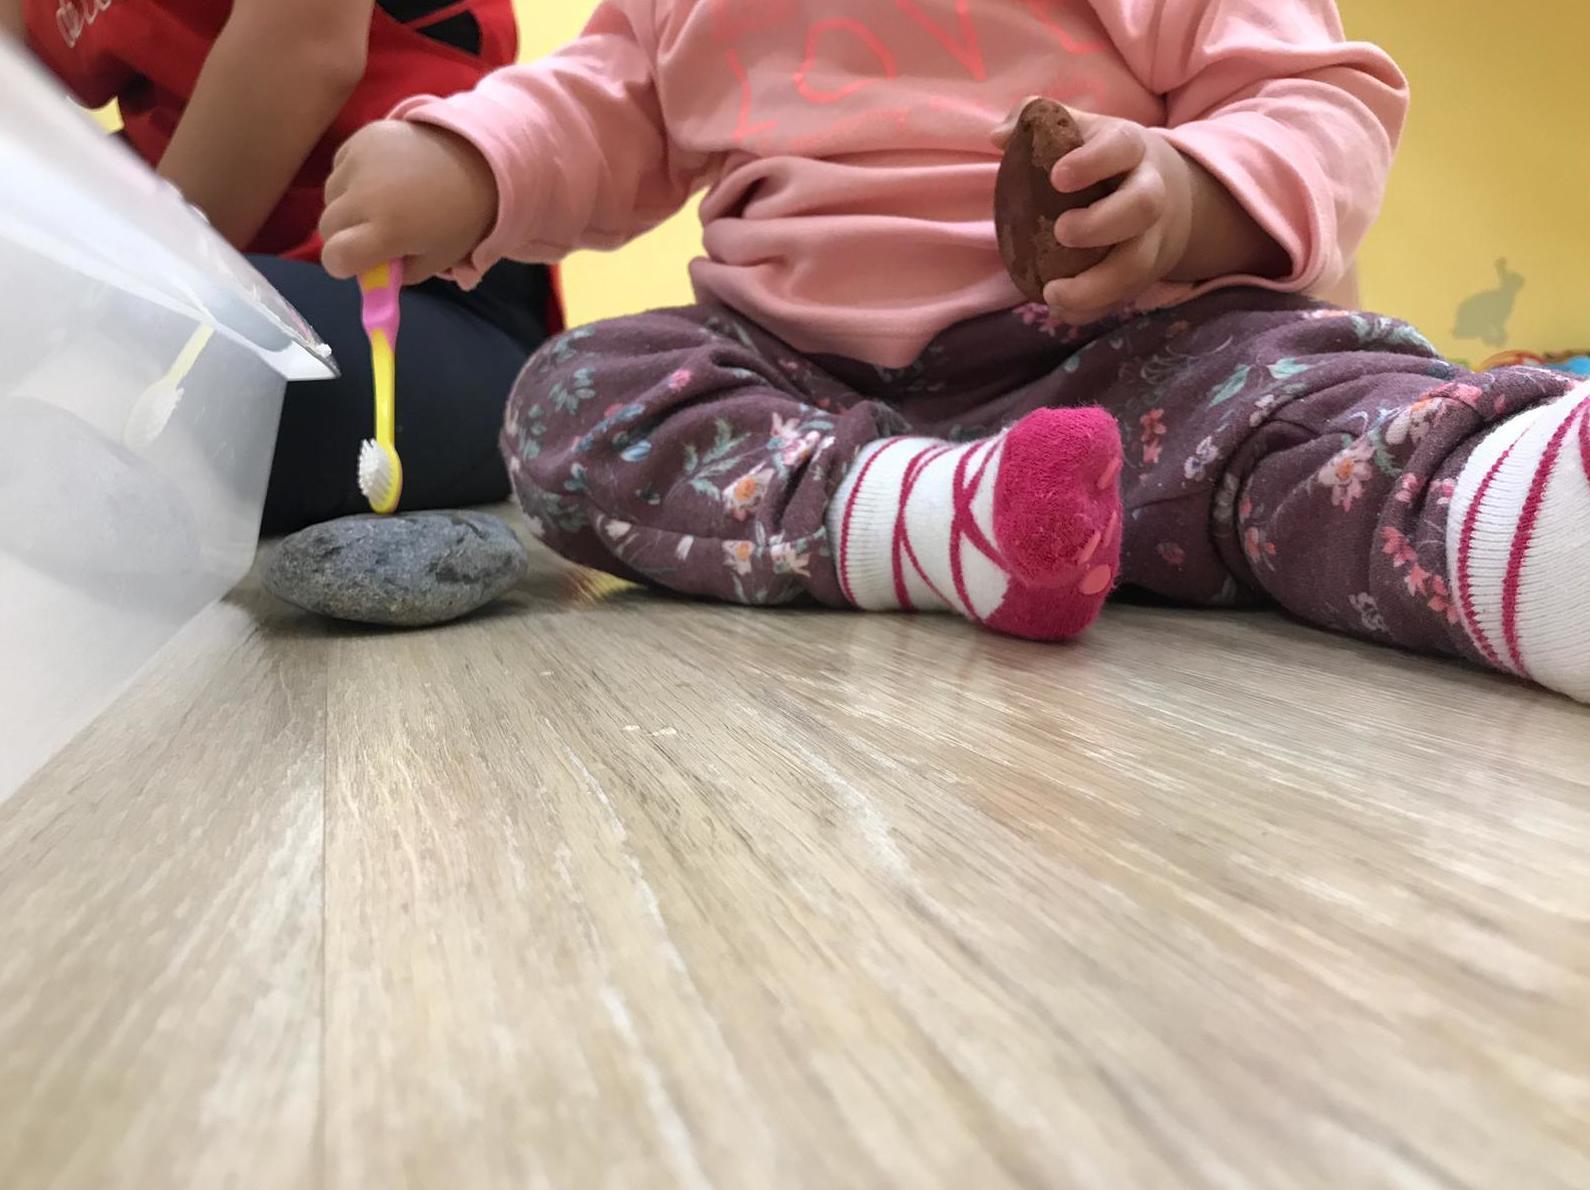 Foto 2 de Escuelas infantiles en Las Palmas de Gran Canaria   Centro Infantil Mi Mundo de Colores